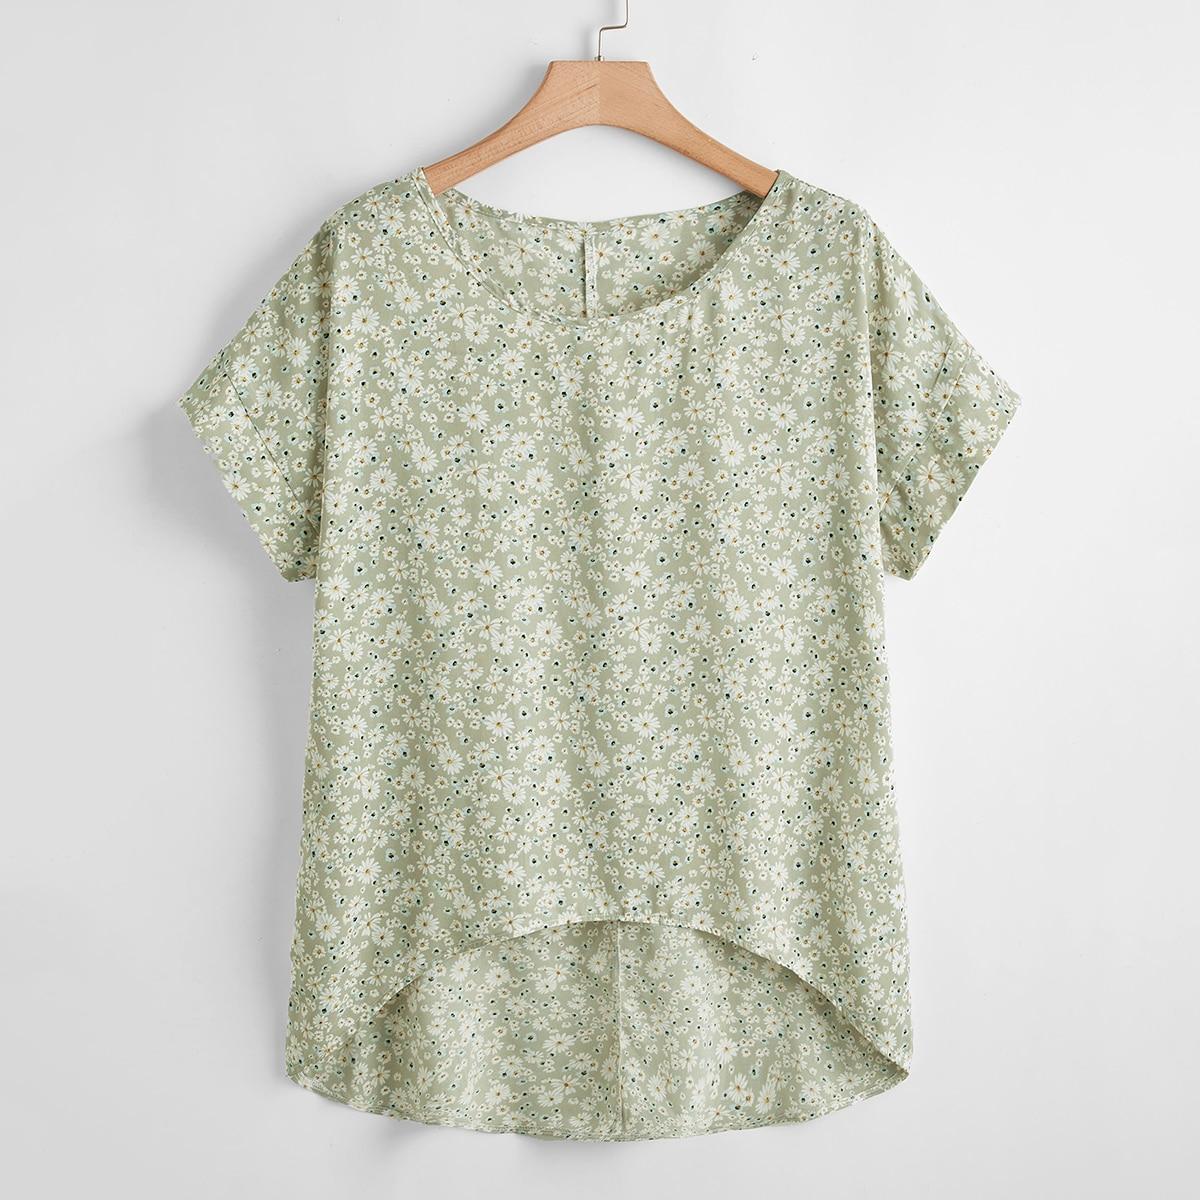 Асимметричная блузка размера плюс с цветочным принтом по цене 600